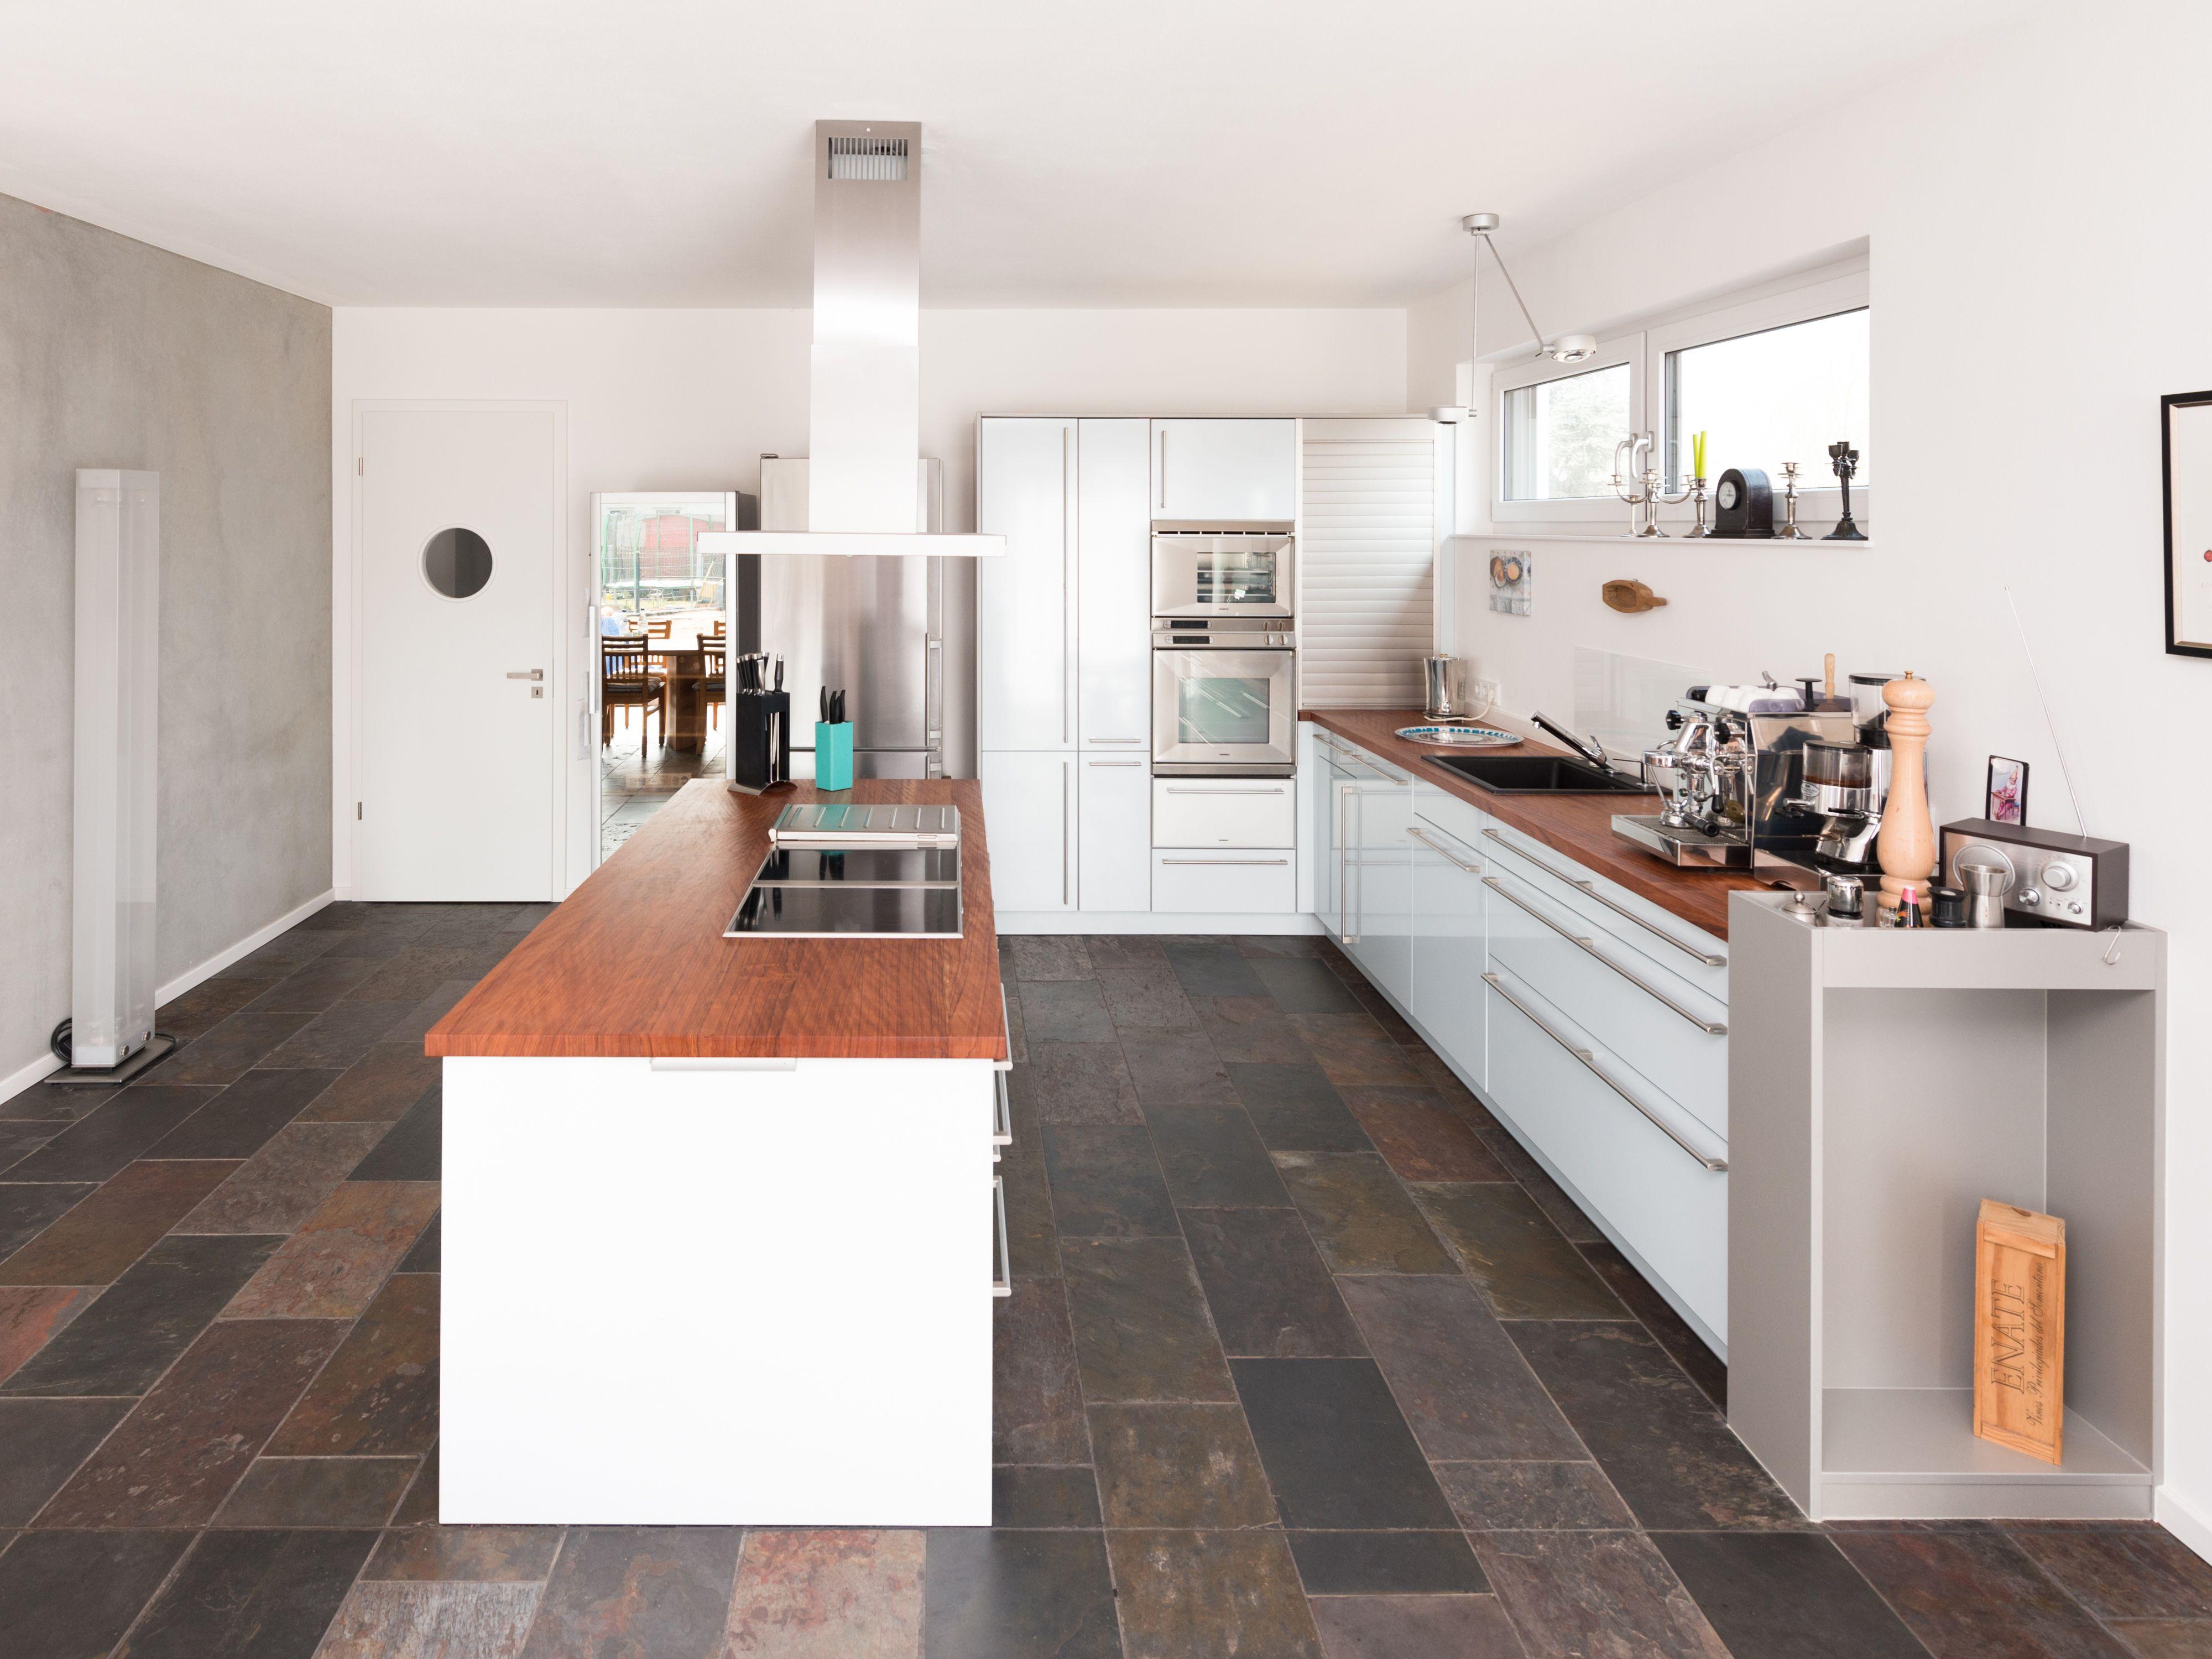 die ausdrucksstarken fliesen setzen einen tollen kontrast zu puristischen modernen k chen. Black Bedroom Furniture Sets. Home Design Ideas